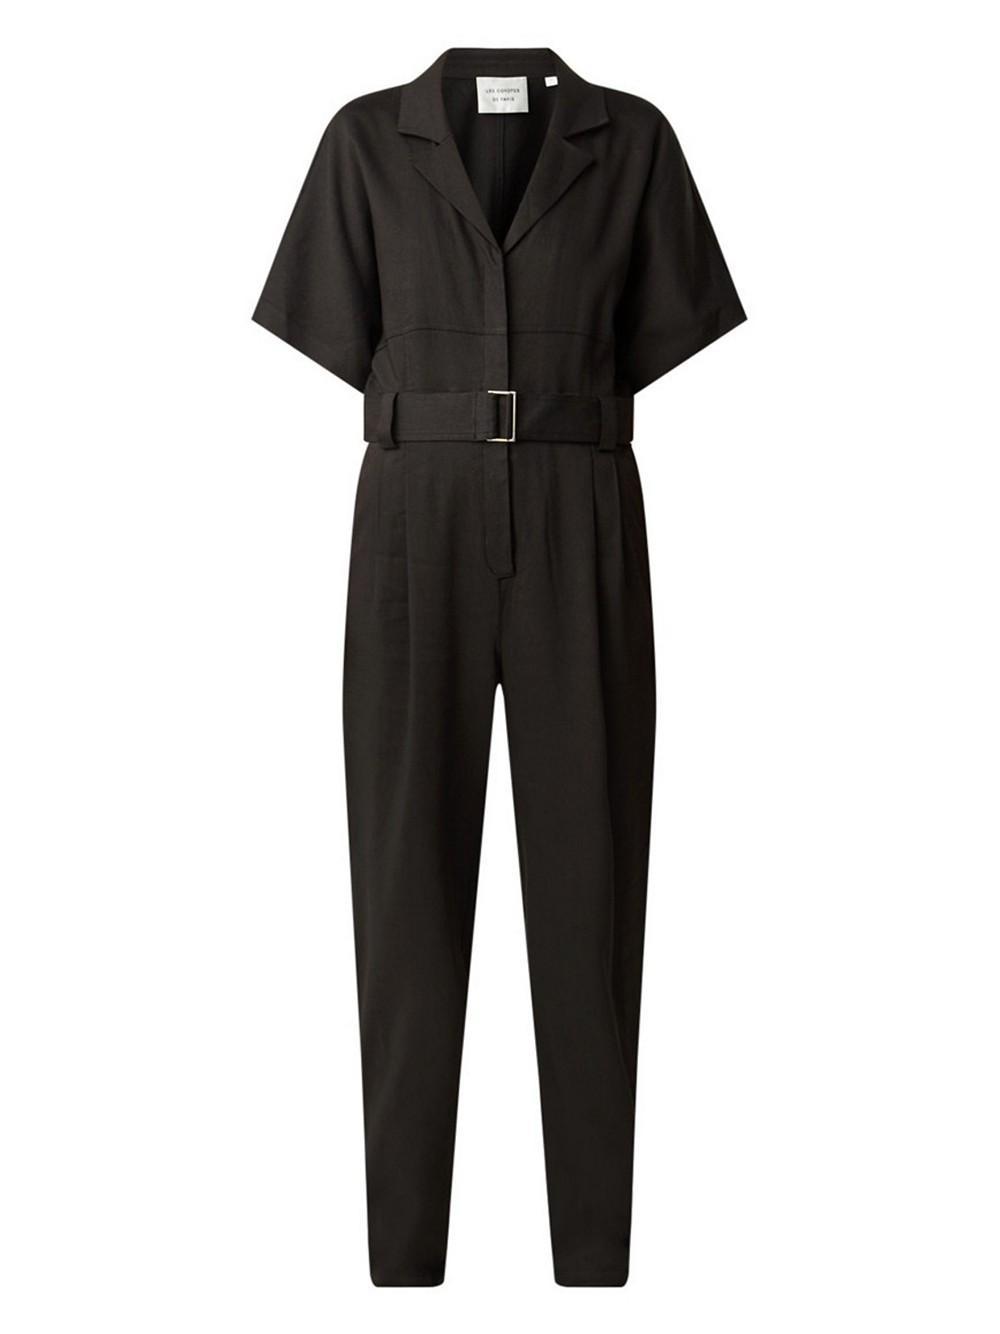 Frankie Short Sleeve Jumpsuit Item # 212-34-058